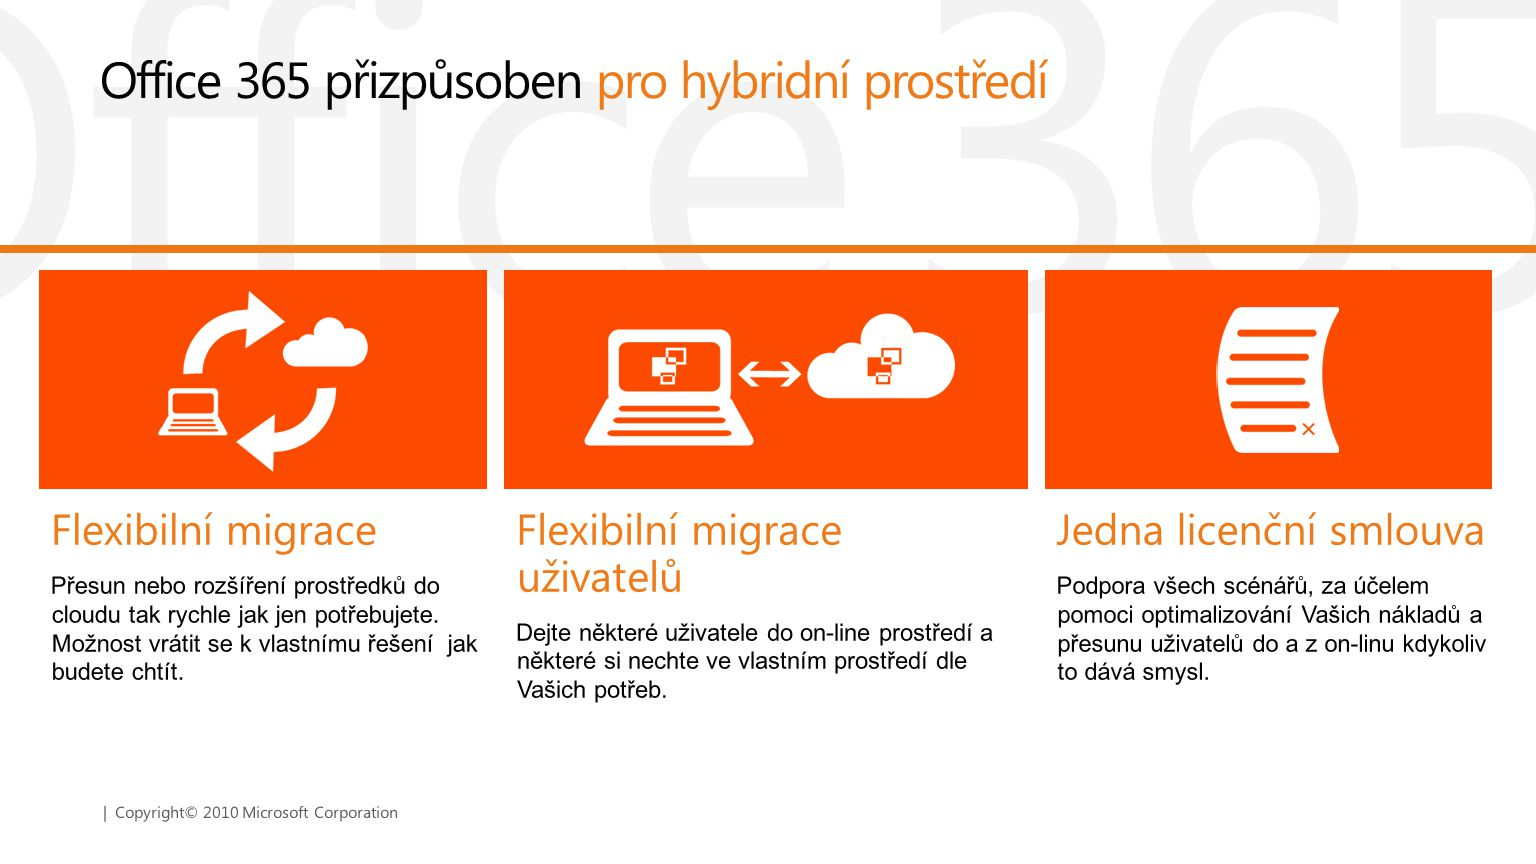 | Copyright© 2010 Microsoft Corporation Office 365 přizpůsoben pro hybridní prostředí Jedna licenční smlouva Podpora všech scénářů, za účelem pomoci optimalizování Vašich nákladů a přesunu uživatelů do a z on-linu kdykoliv to dává smysl.